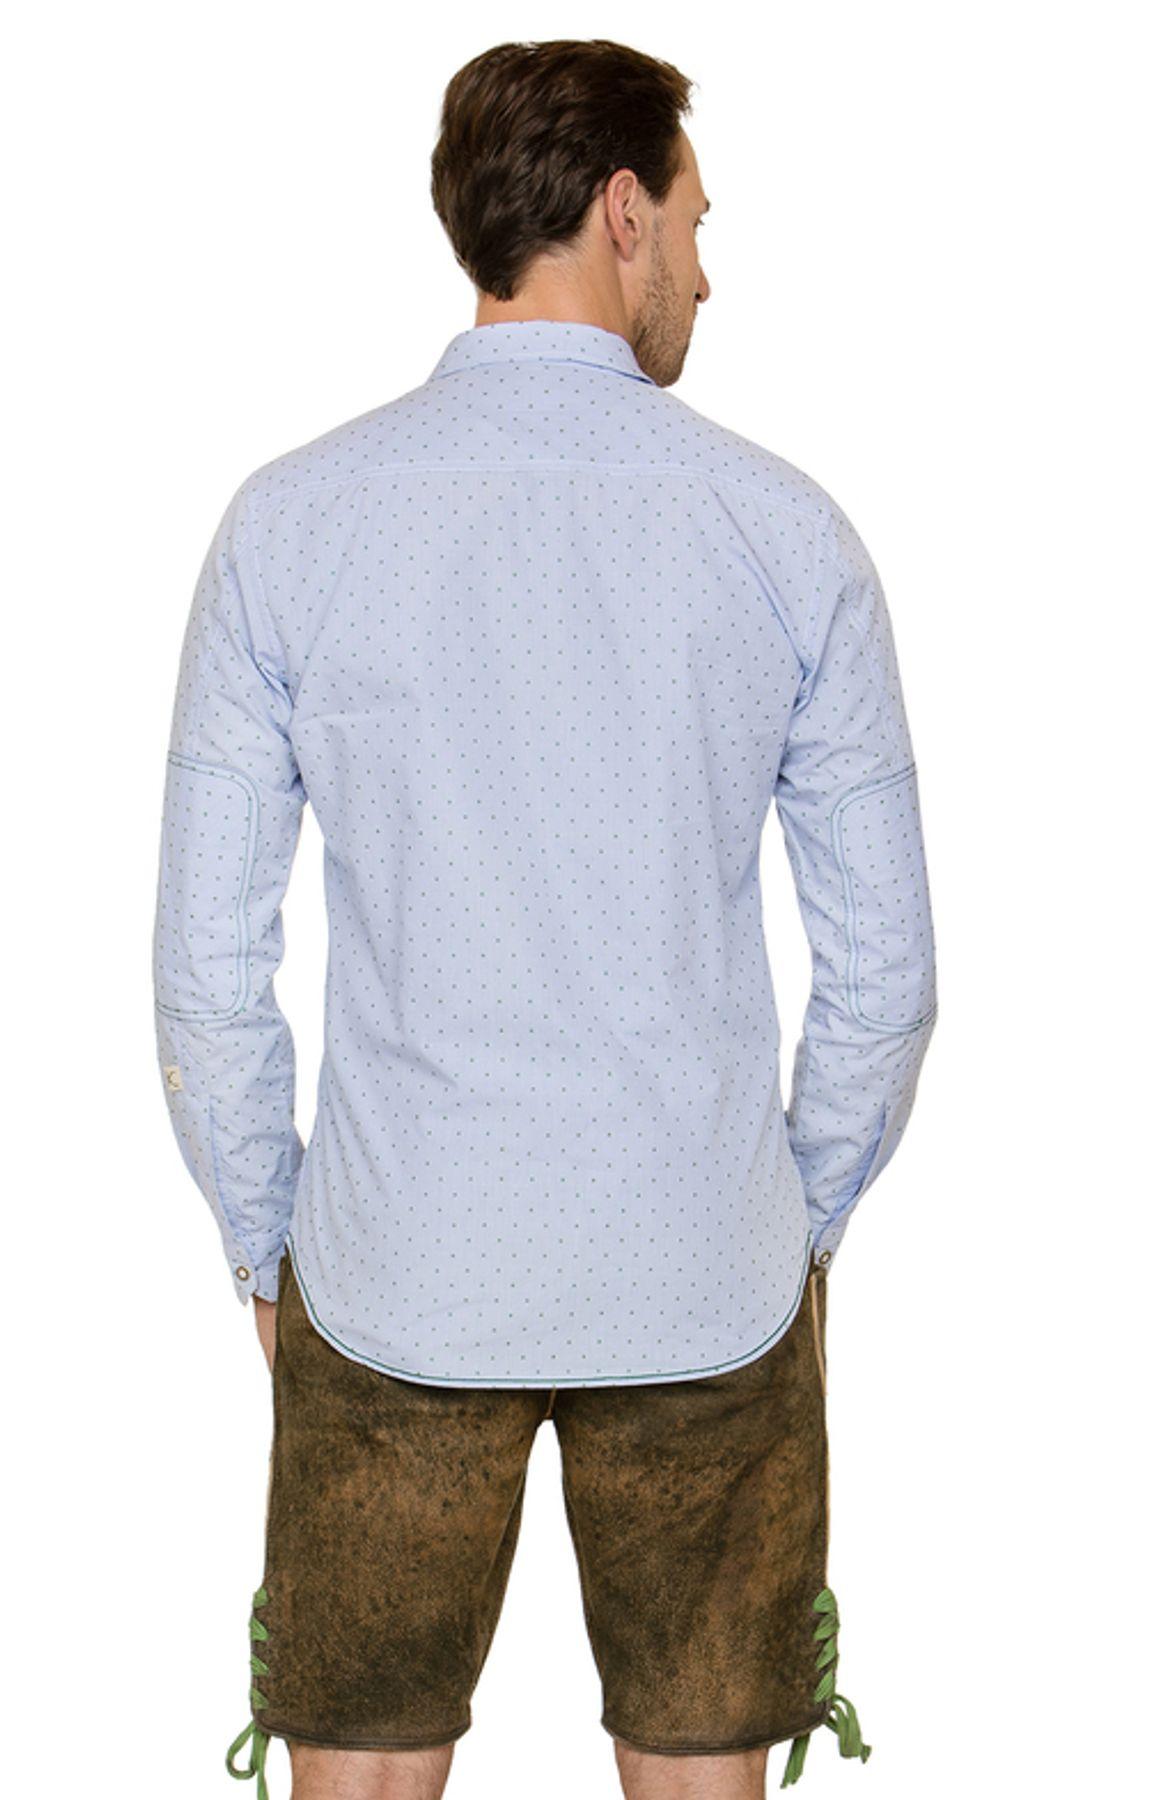 Stockerpoint - Herren Trachtenhemd in Hellblau, Leeroy – Bild 4